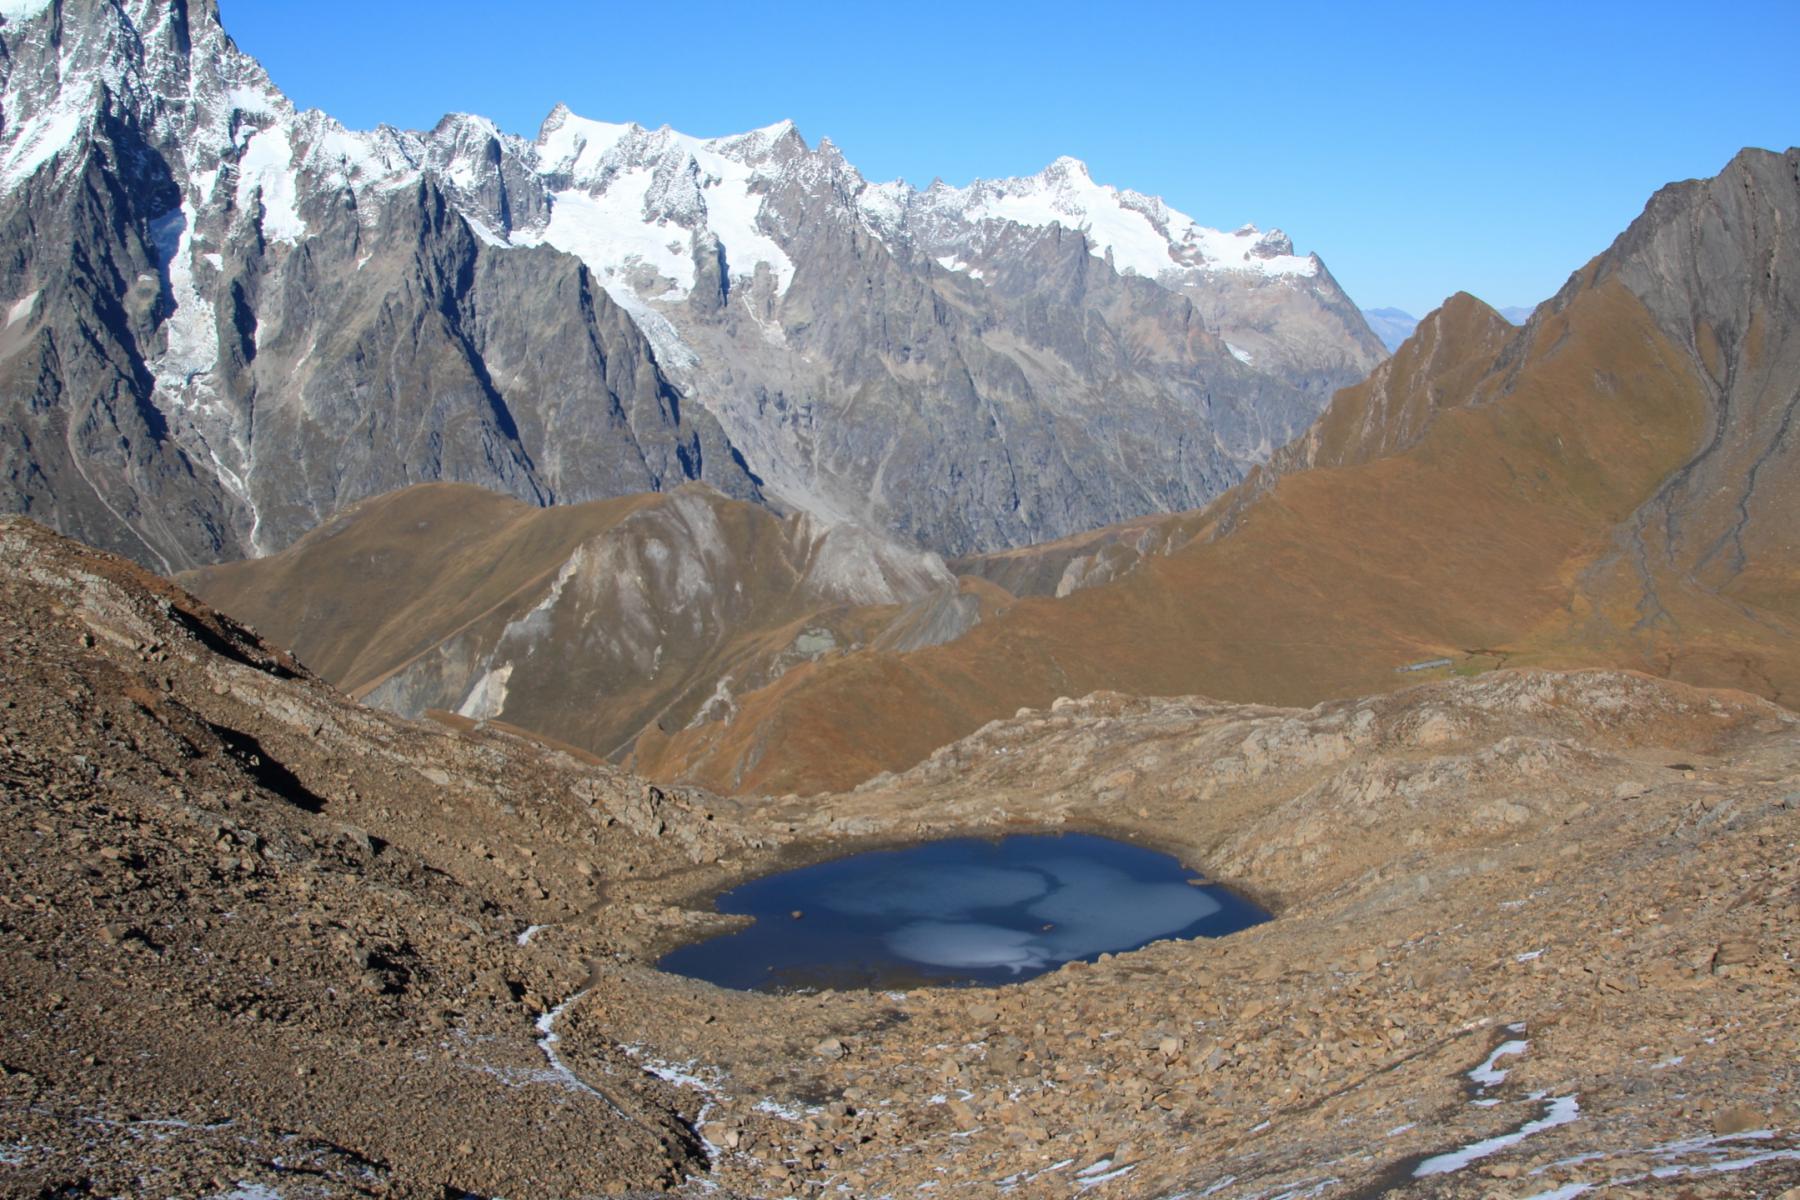 il bel laghetto che si trova nella conca detritica sotto la cima